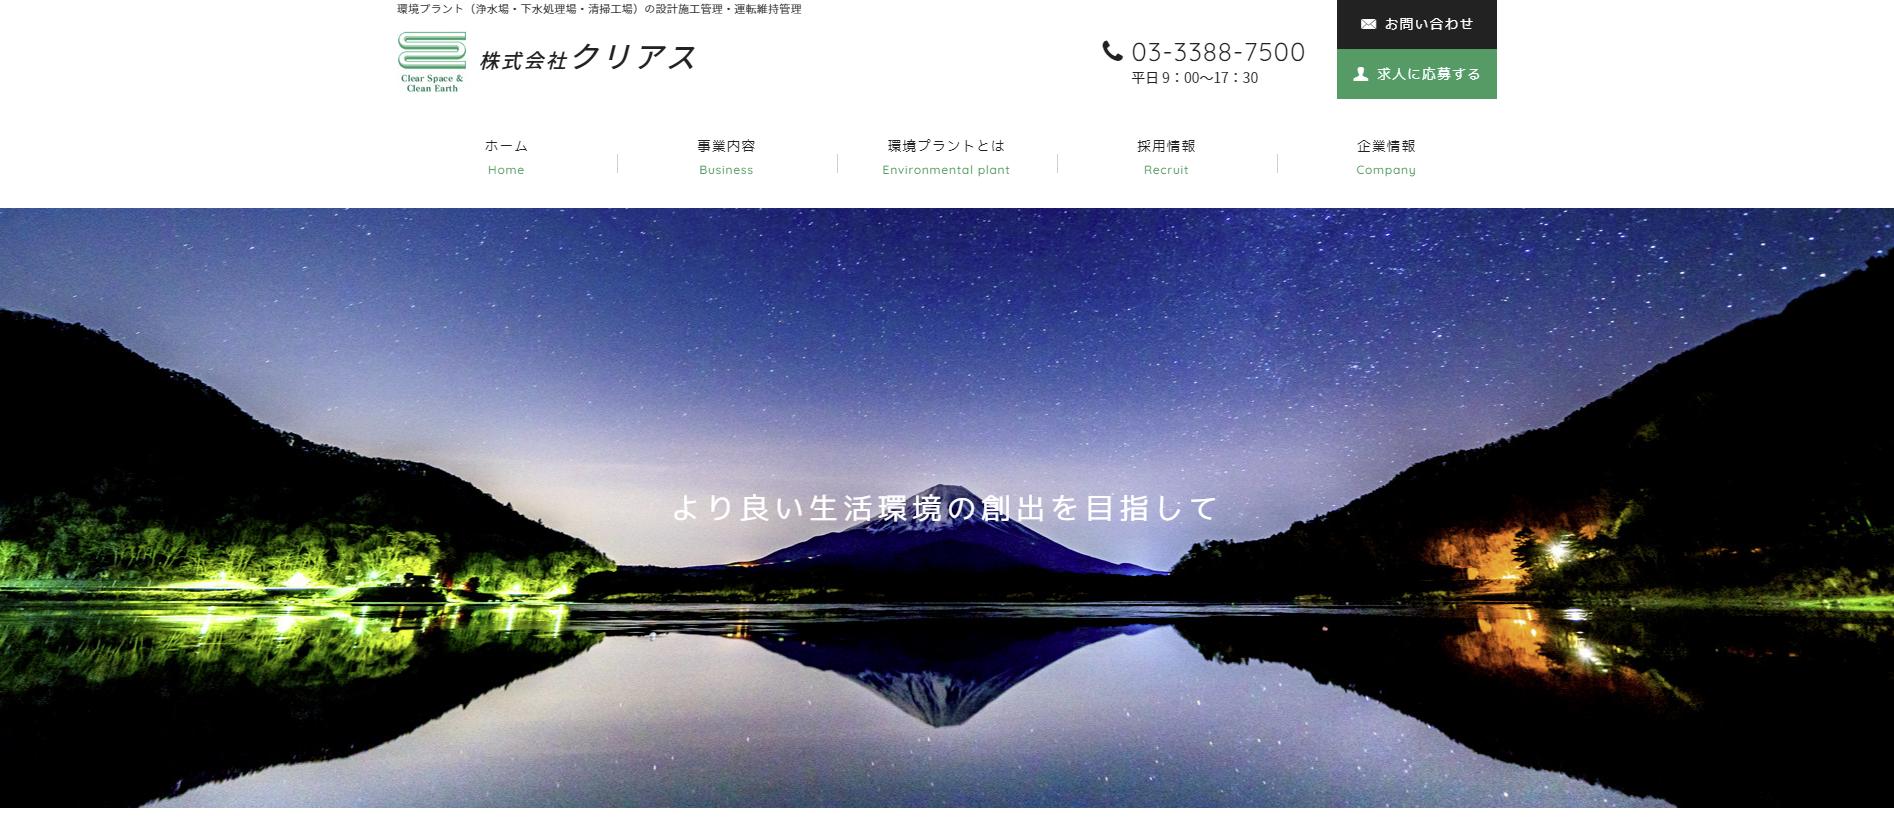 株式会社クリアス ホームページ キャプチャ画像